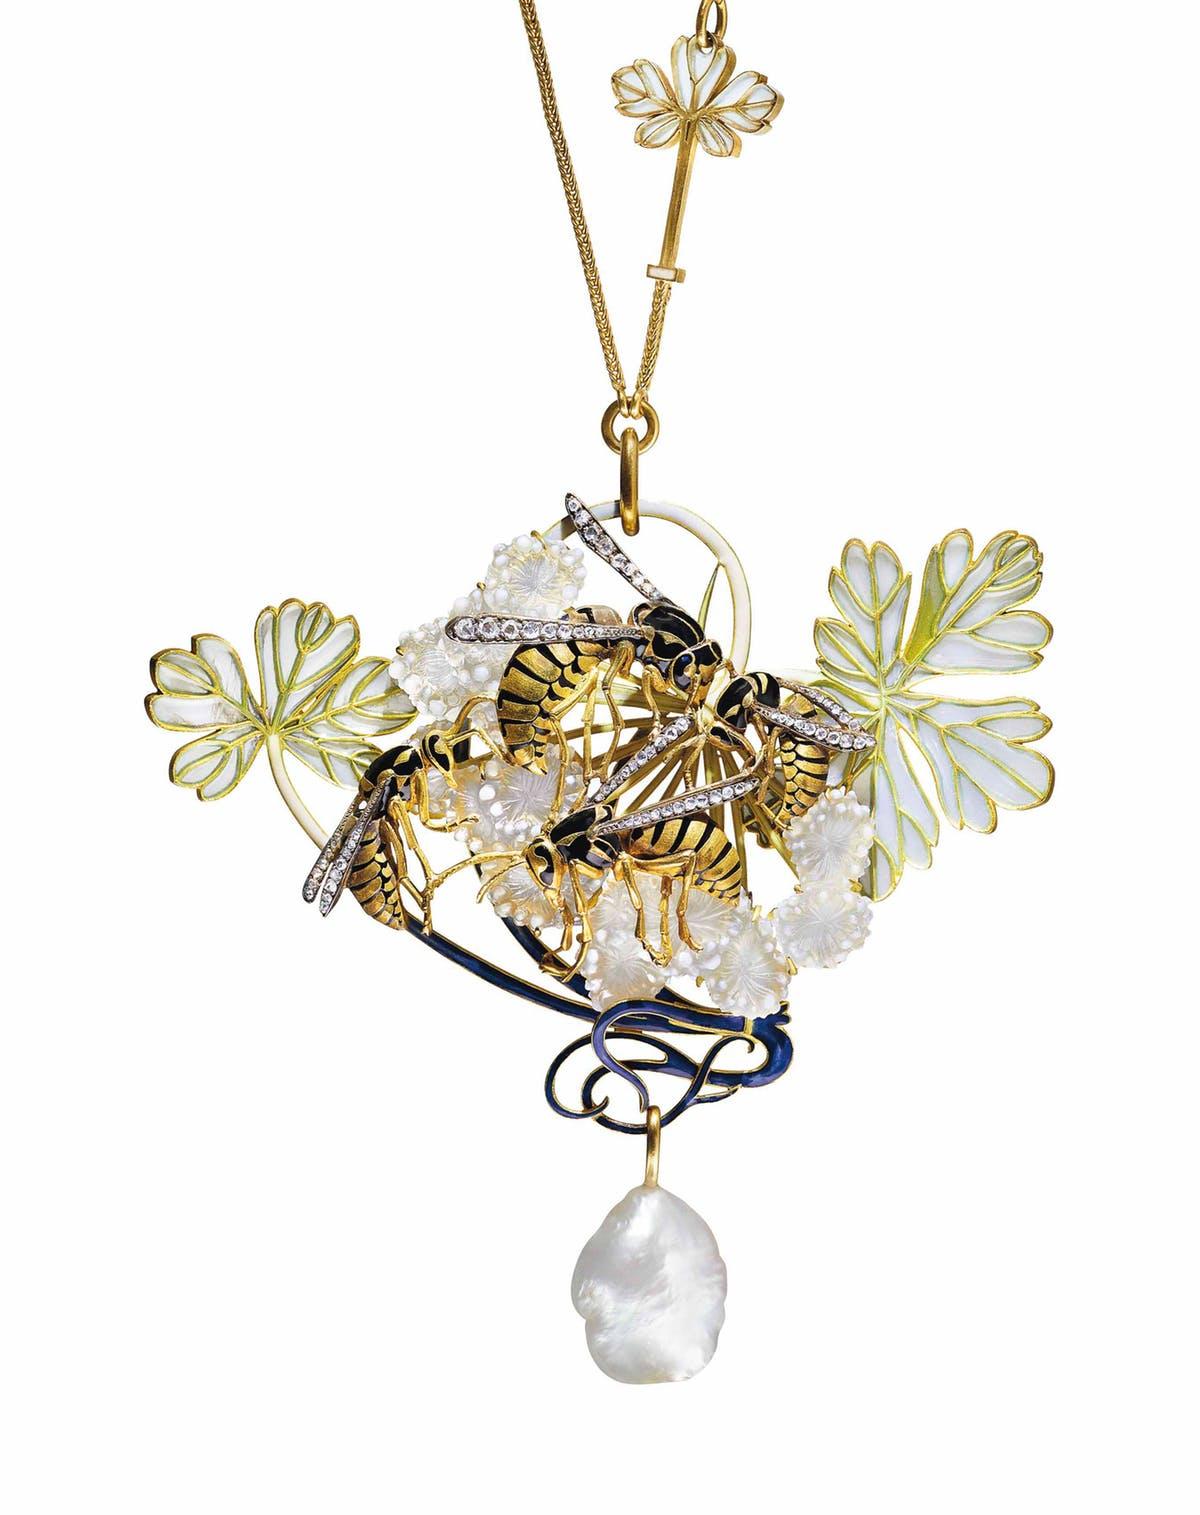 RENÉ LALIQUE. Collar de esmalte, diamante y perla Art Nouveau. Imagen vía: Barnebys